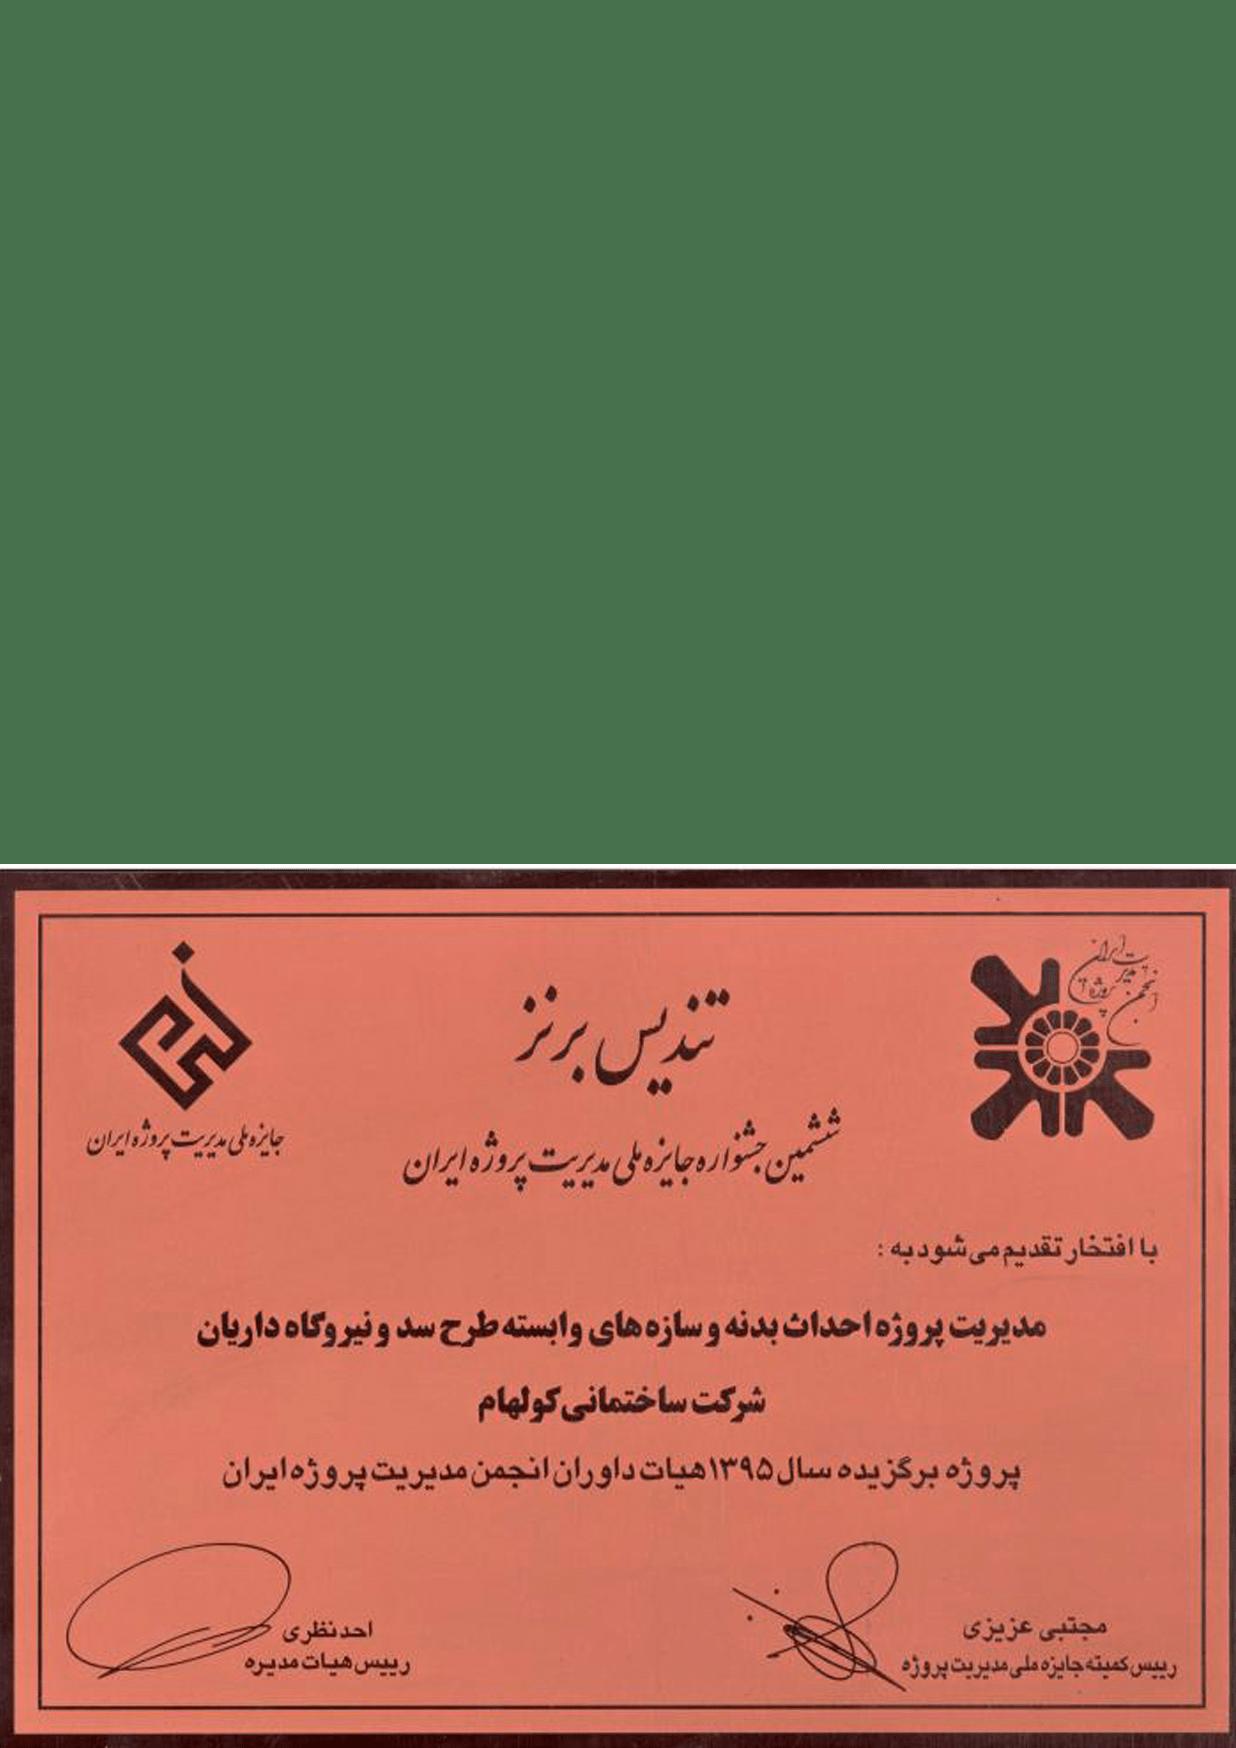 تندیس برنز مدیریت پروژه ایران